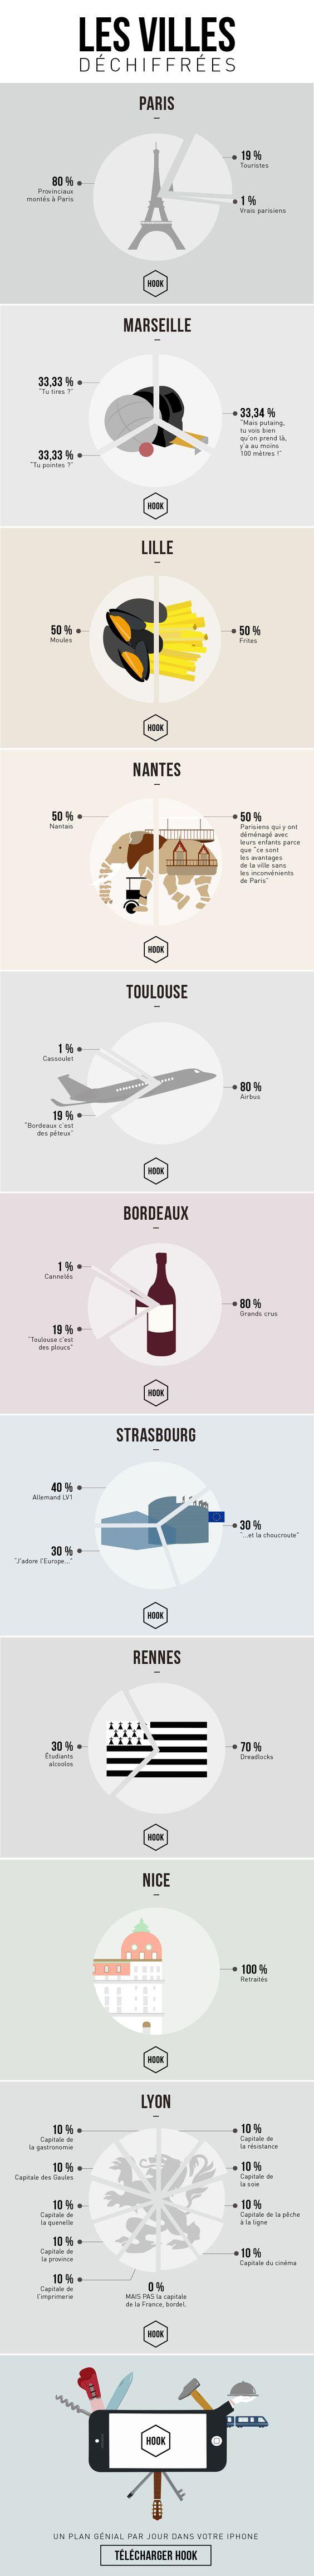 L'infographie du jour : les clichés les plus répandus sur les grandes villes... - Grazia: